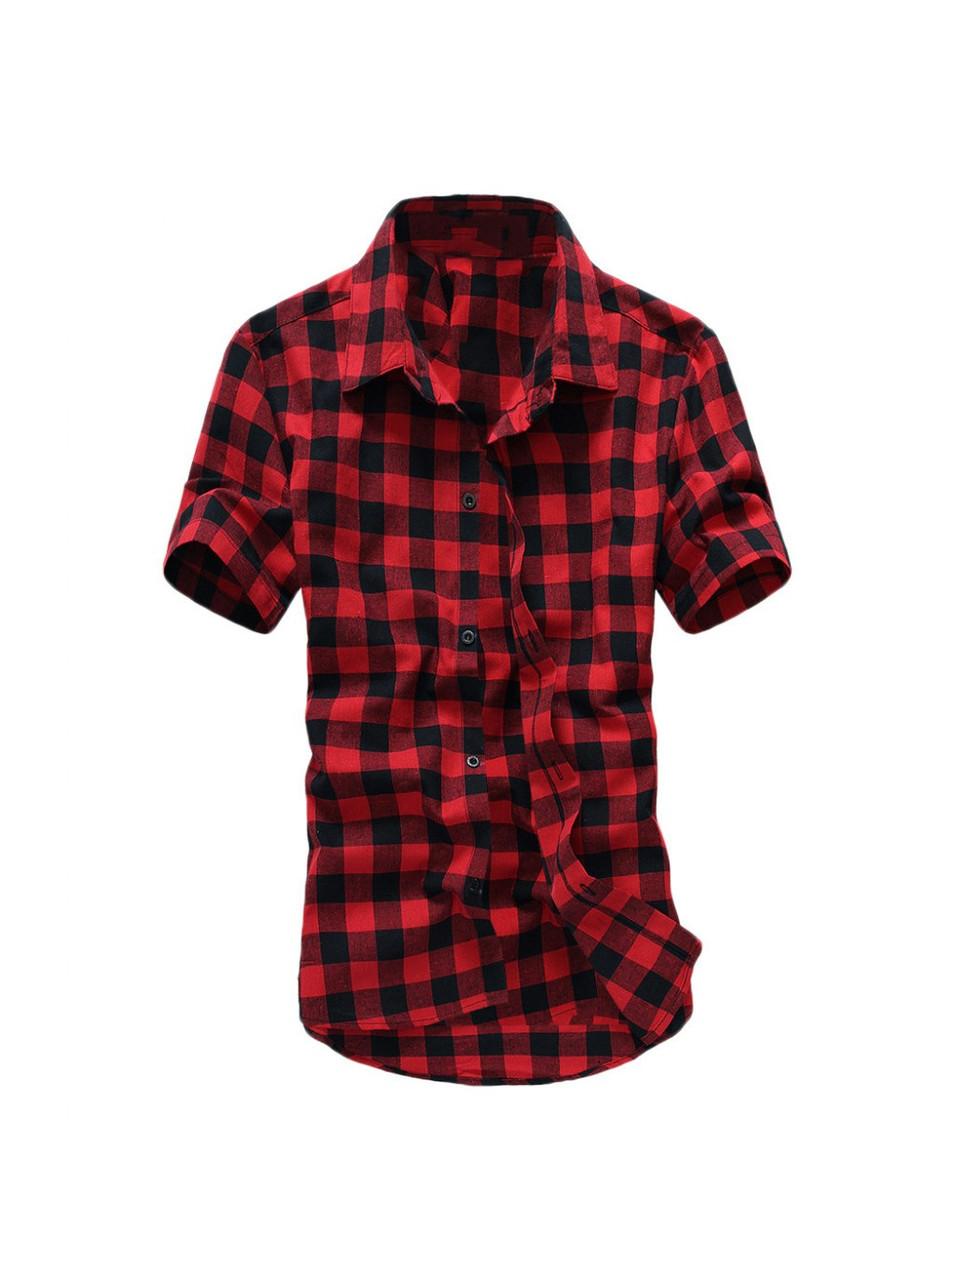 Рубашка мужская в клетку с коротким рукавом